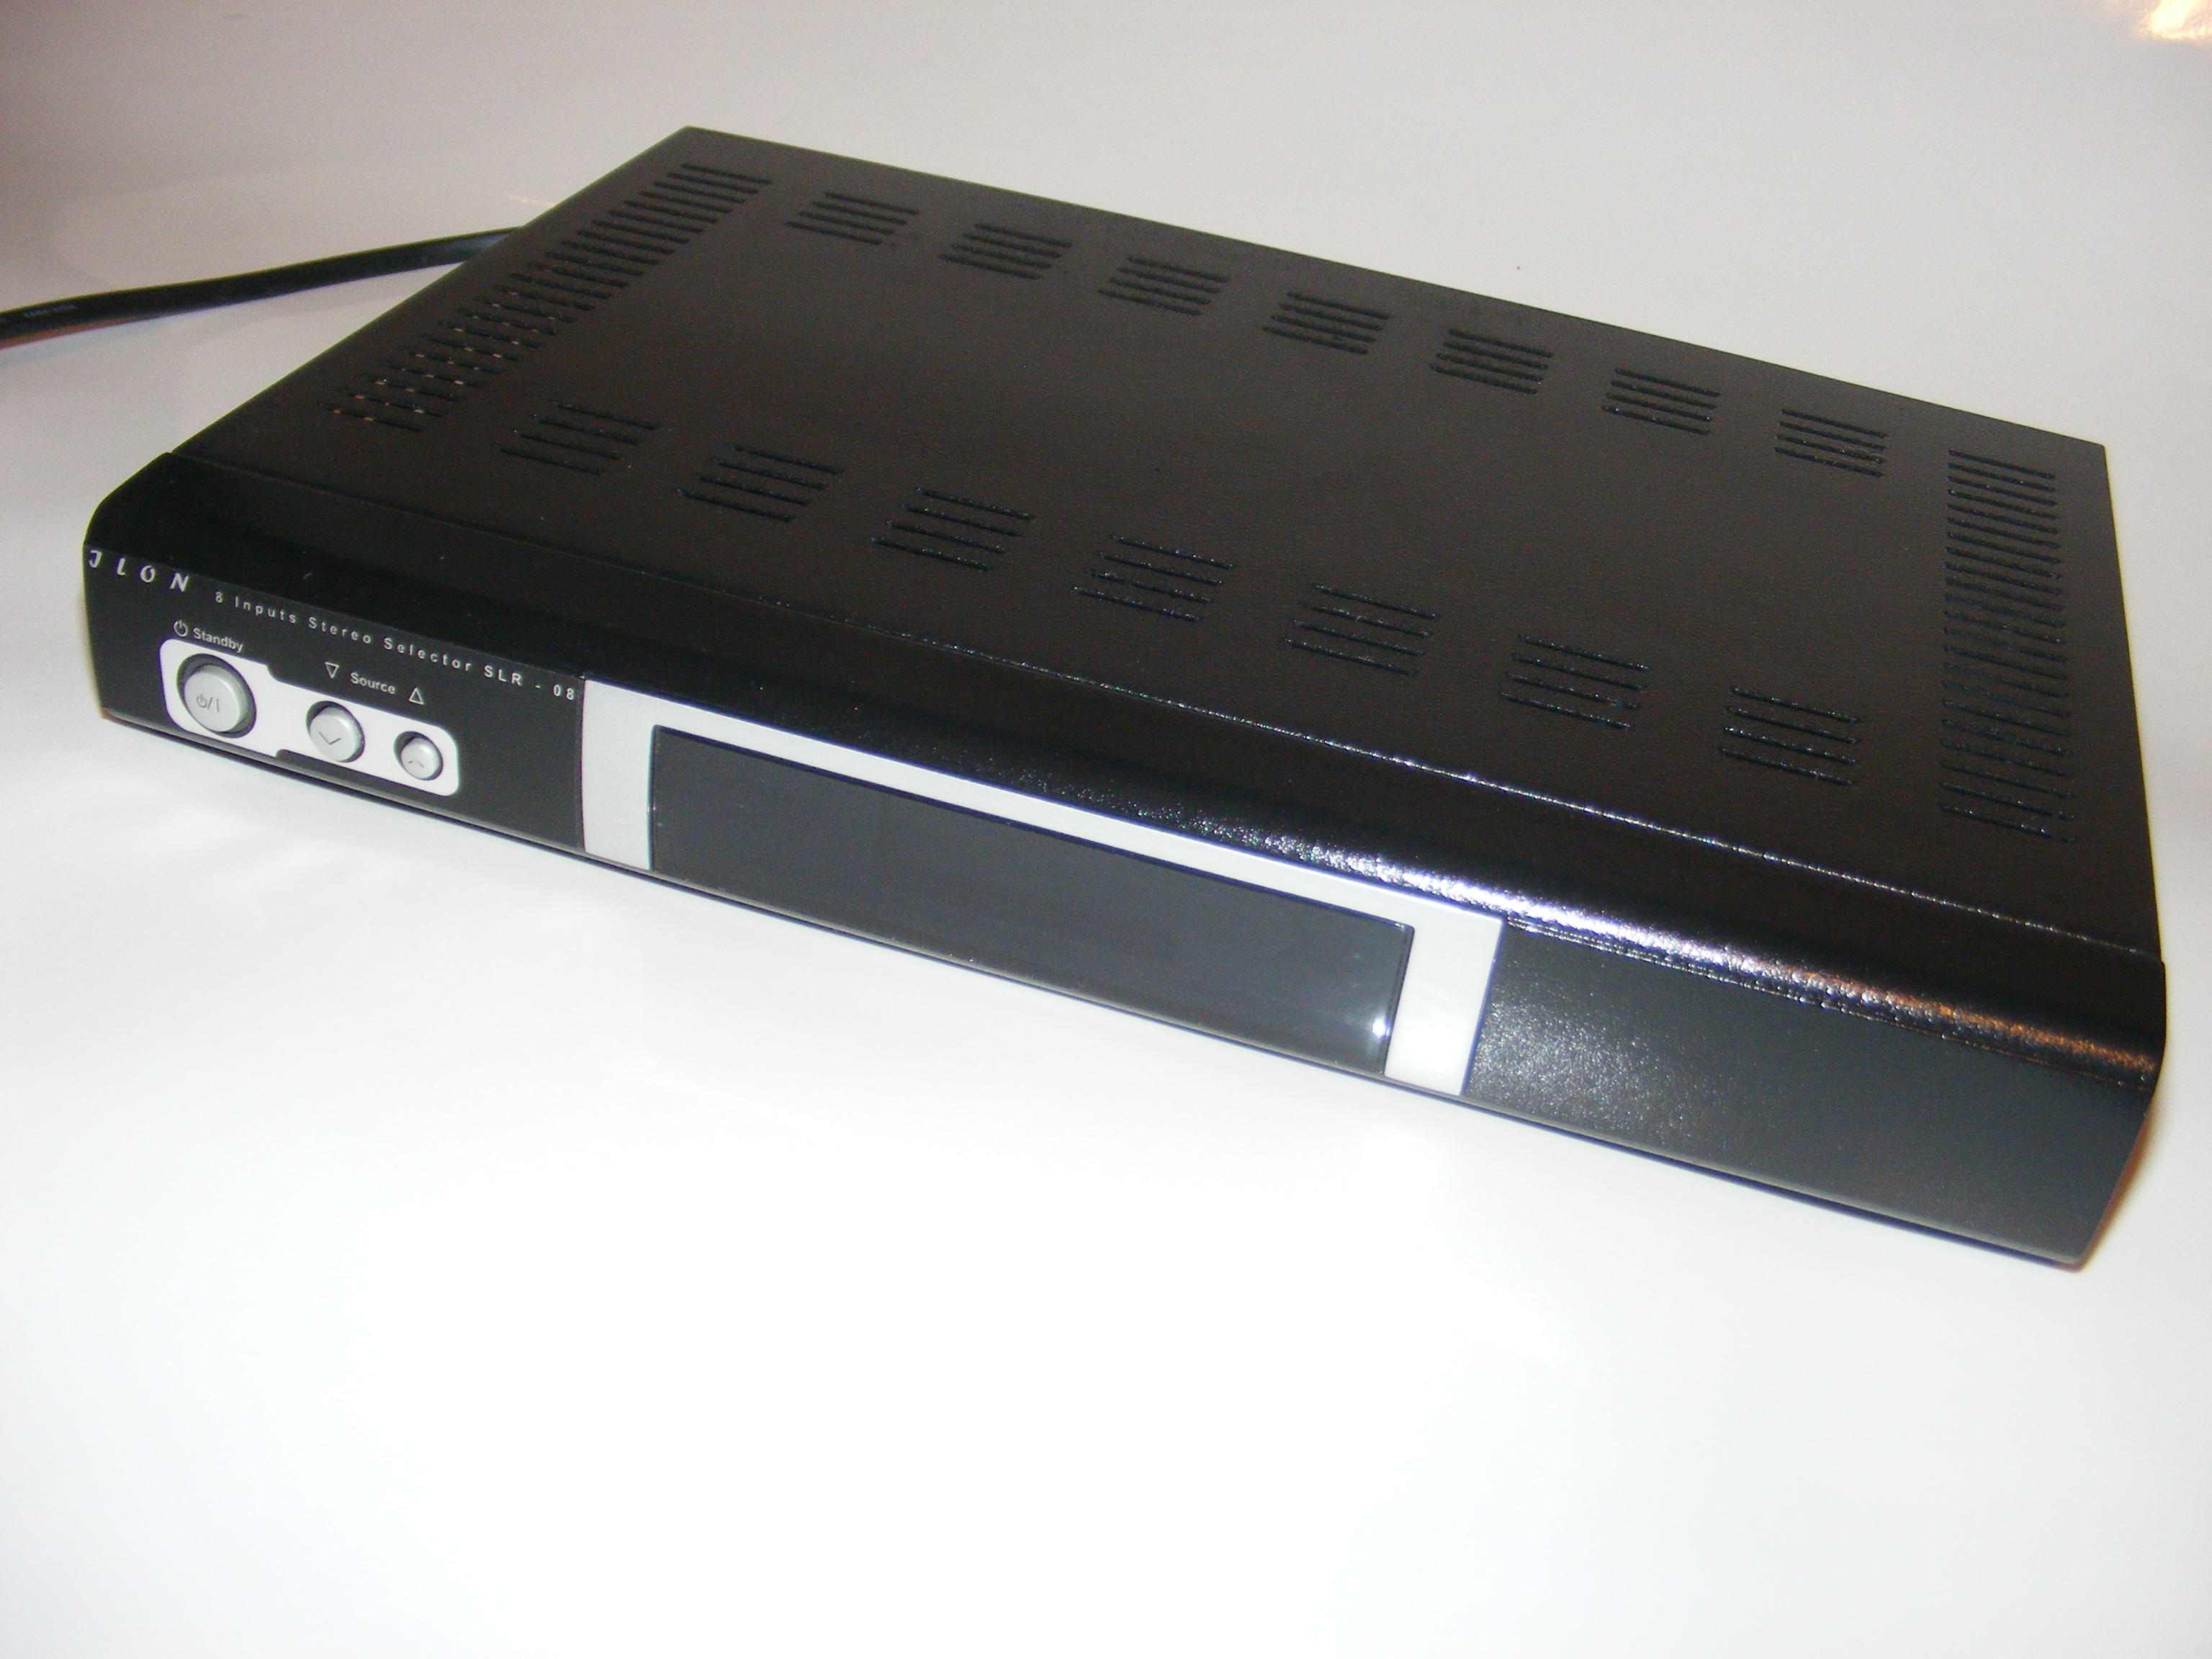 Selektor stereo czyli drugie �ycie ECHOSTAR DSB-616